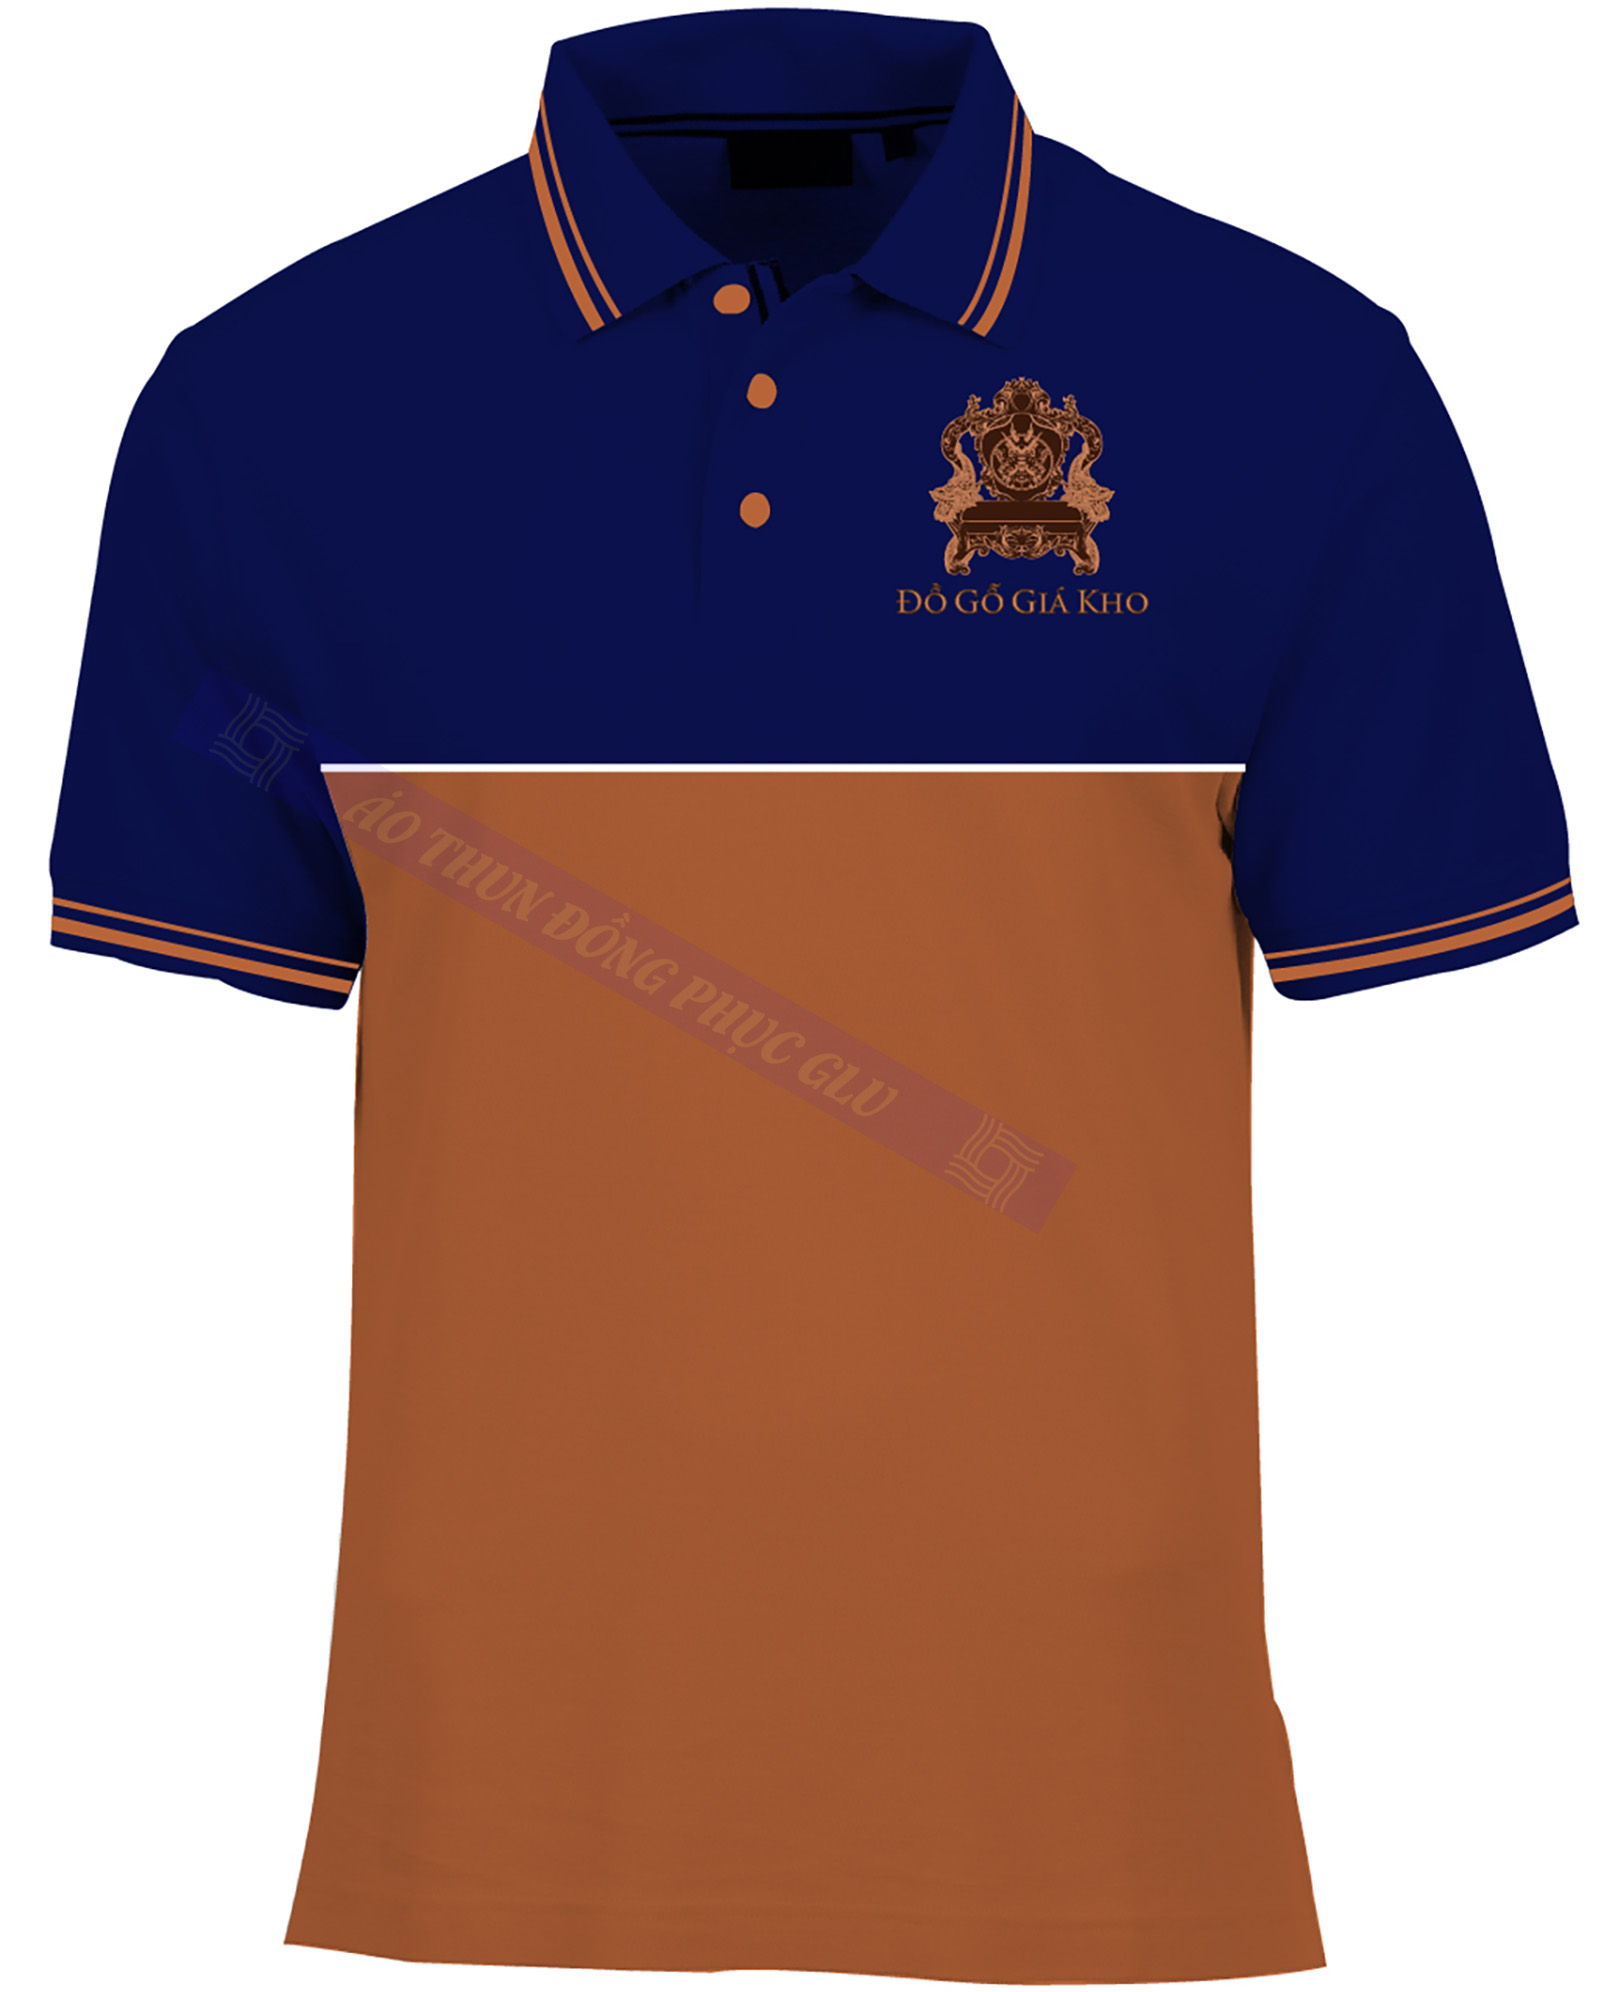 AO THUN DO GO GIA KHO AT356 áo thun đồng phục đẹp